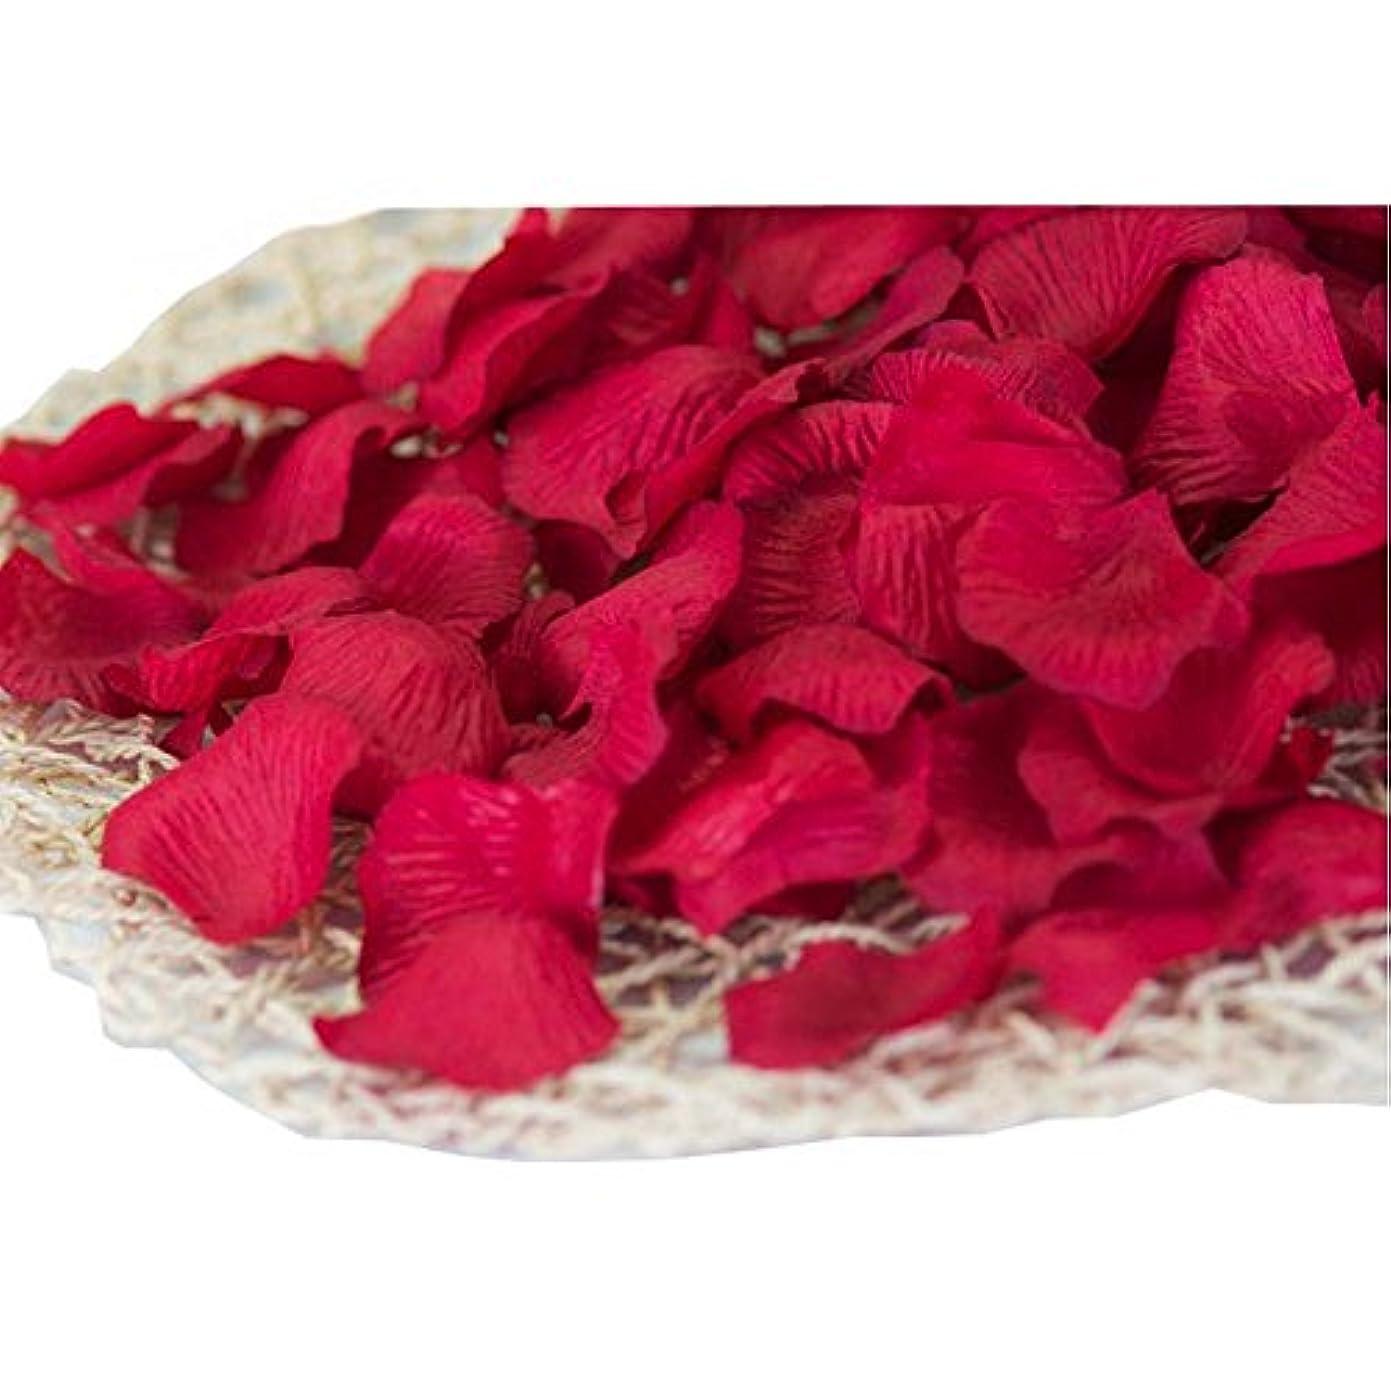 マーチャンダイジング脅迫細心の840の結婚式のための暗赤色の人工ローズフラワーの花びら